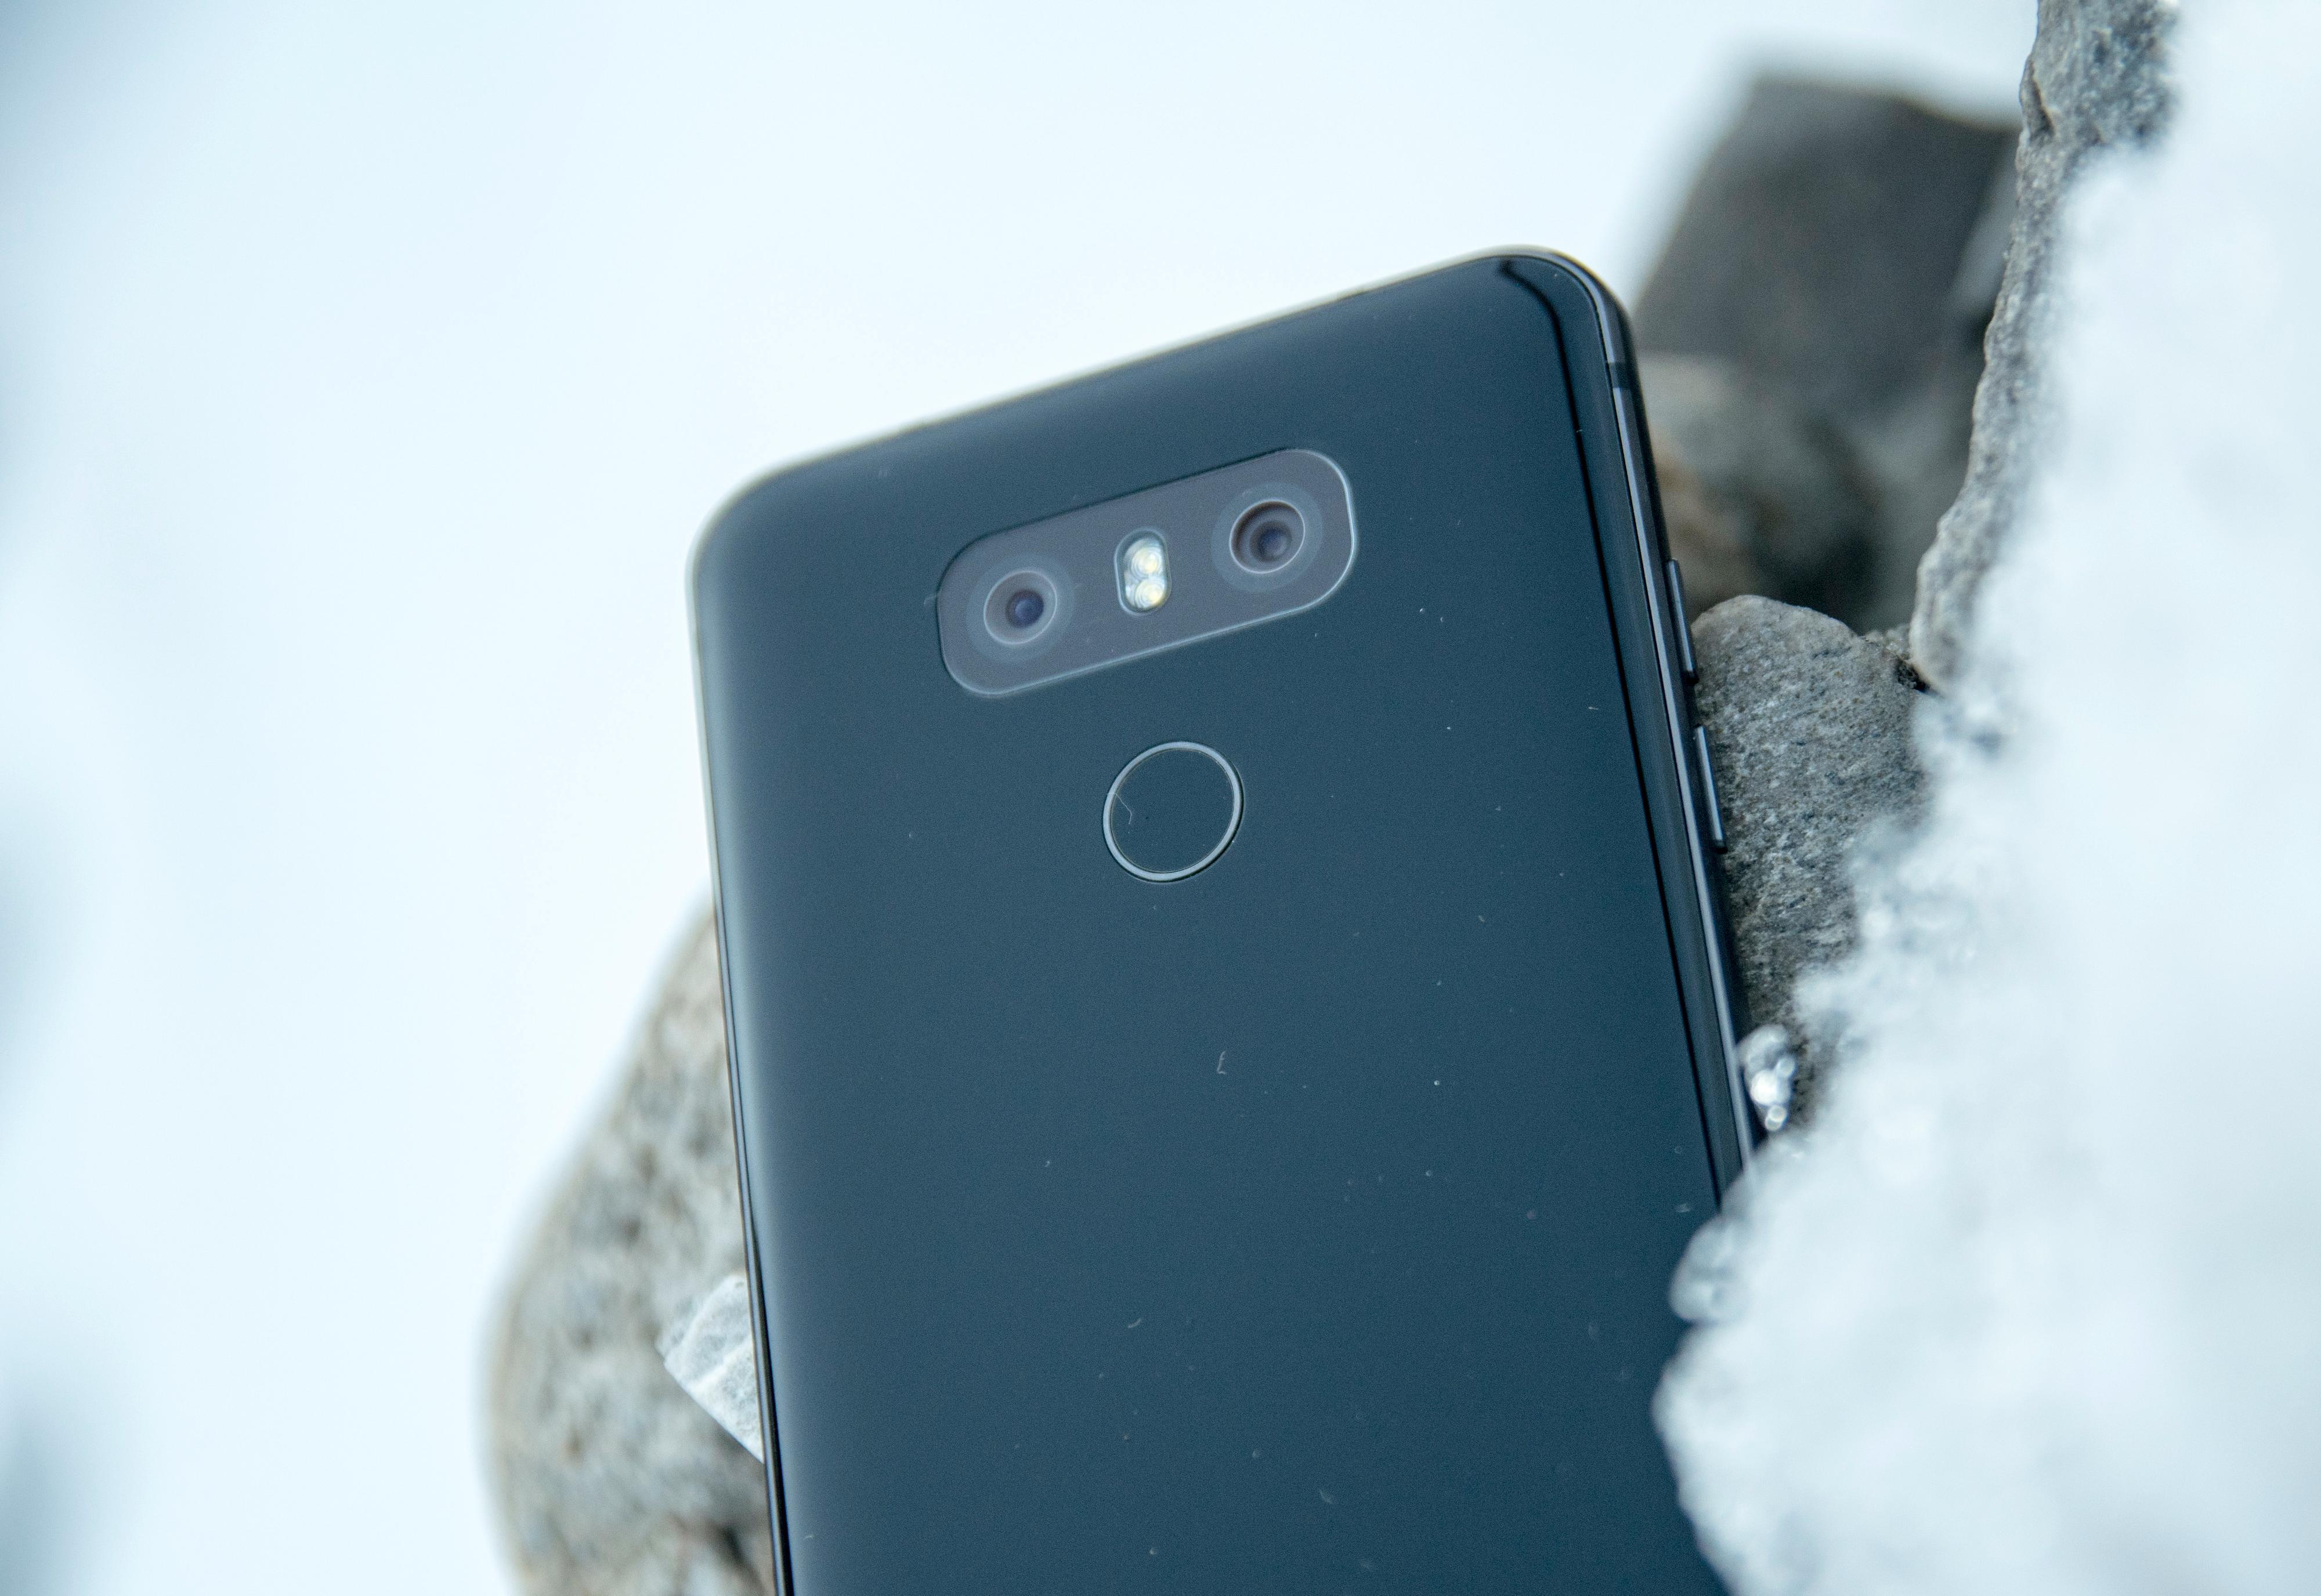 Den nye kameraløsningen i G6 knipser bilder med 13 megapikslers oppløsning. Det ene kameraet har normal brennvidde, mens det andre knipser vidvinkelbilder.